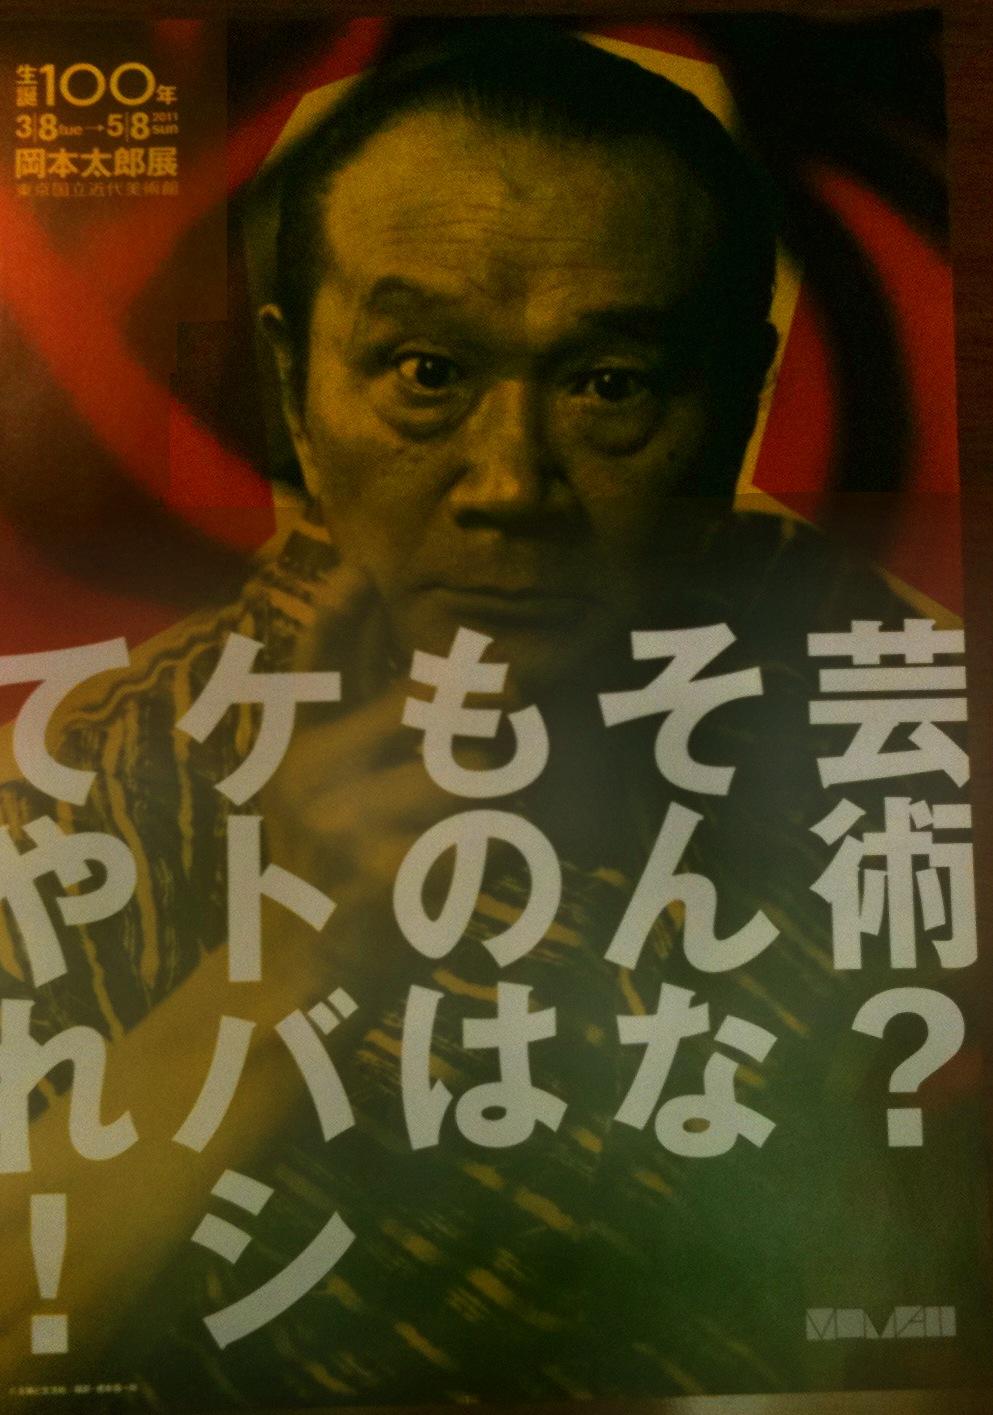 岡本太郎の画像 p1_37